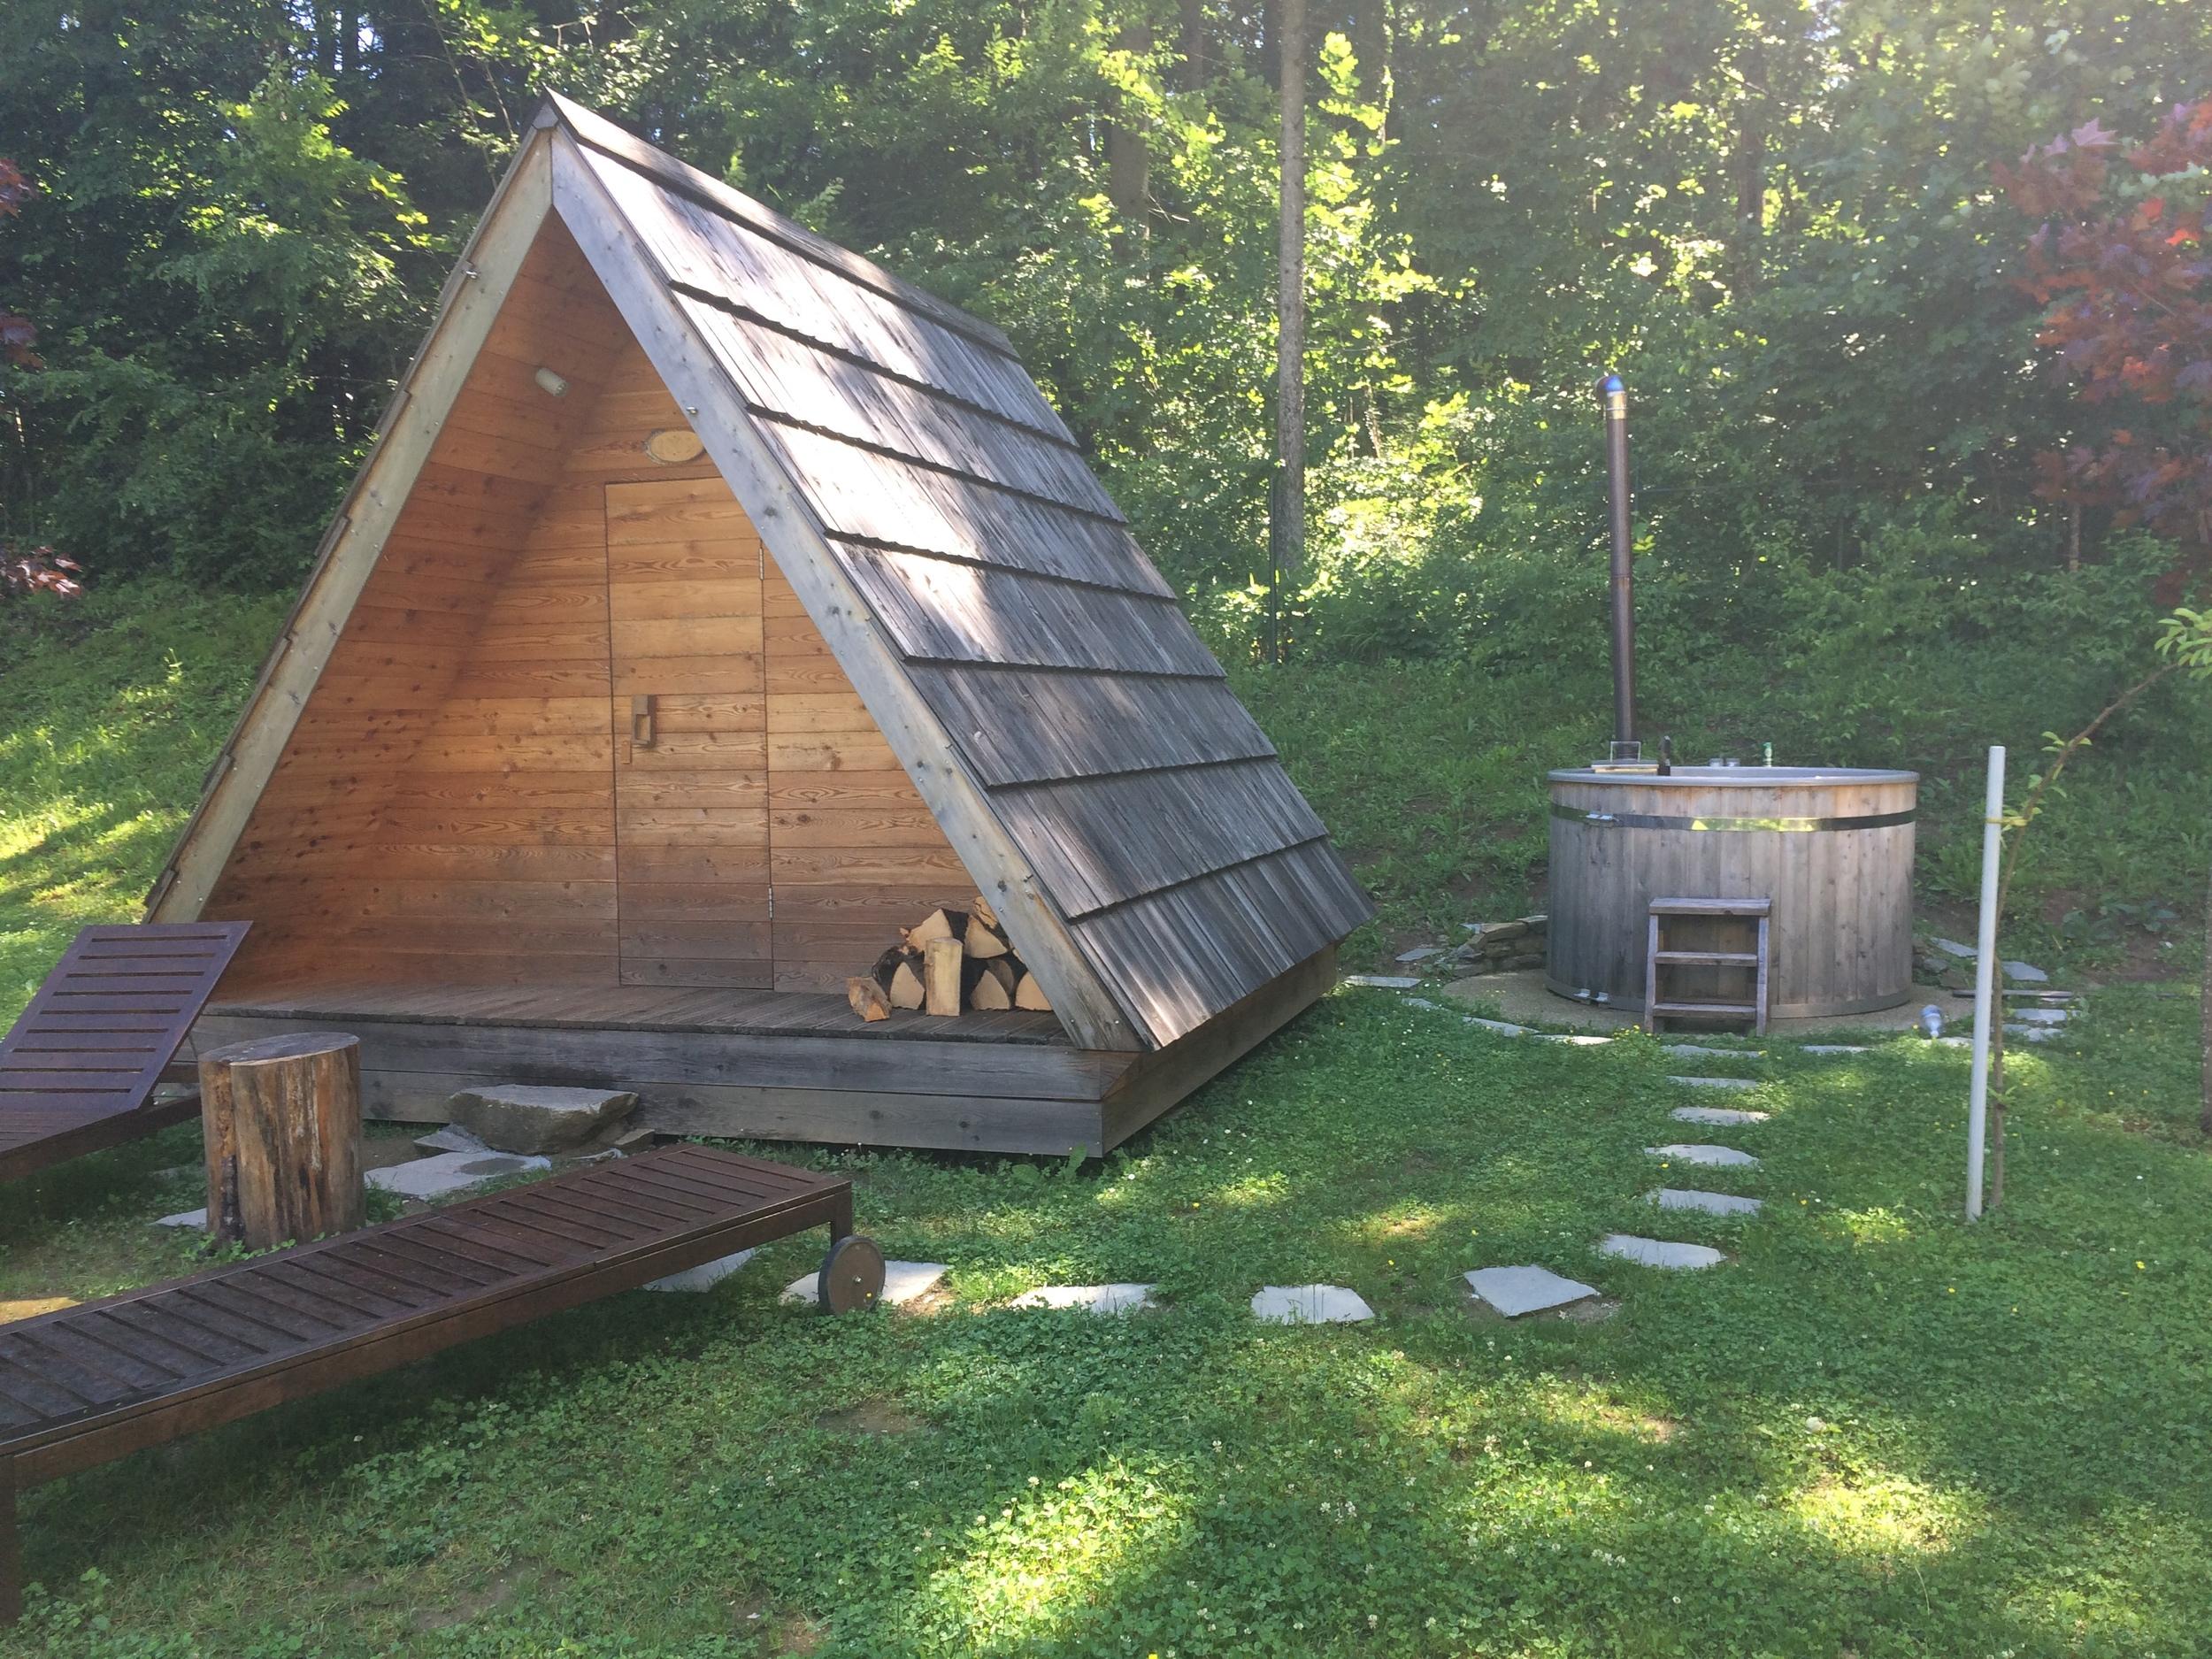 Glamping hut and hot tub at Camping Bled, Lake Bled, Slovenia